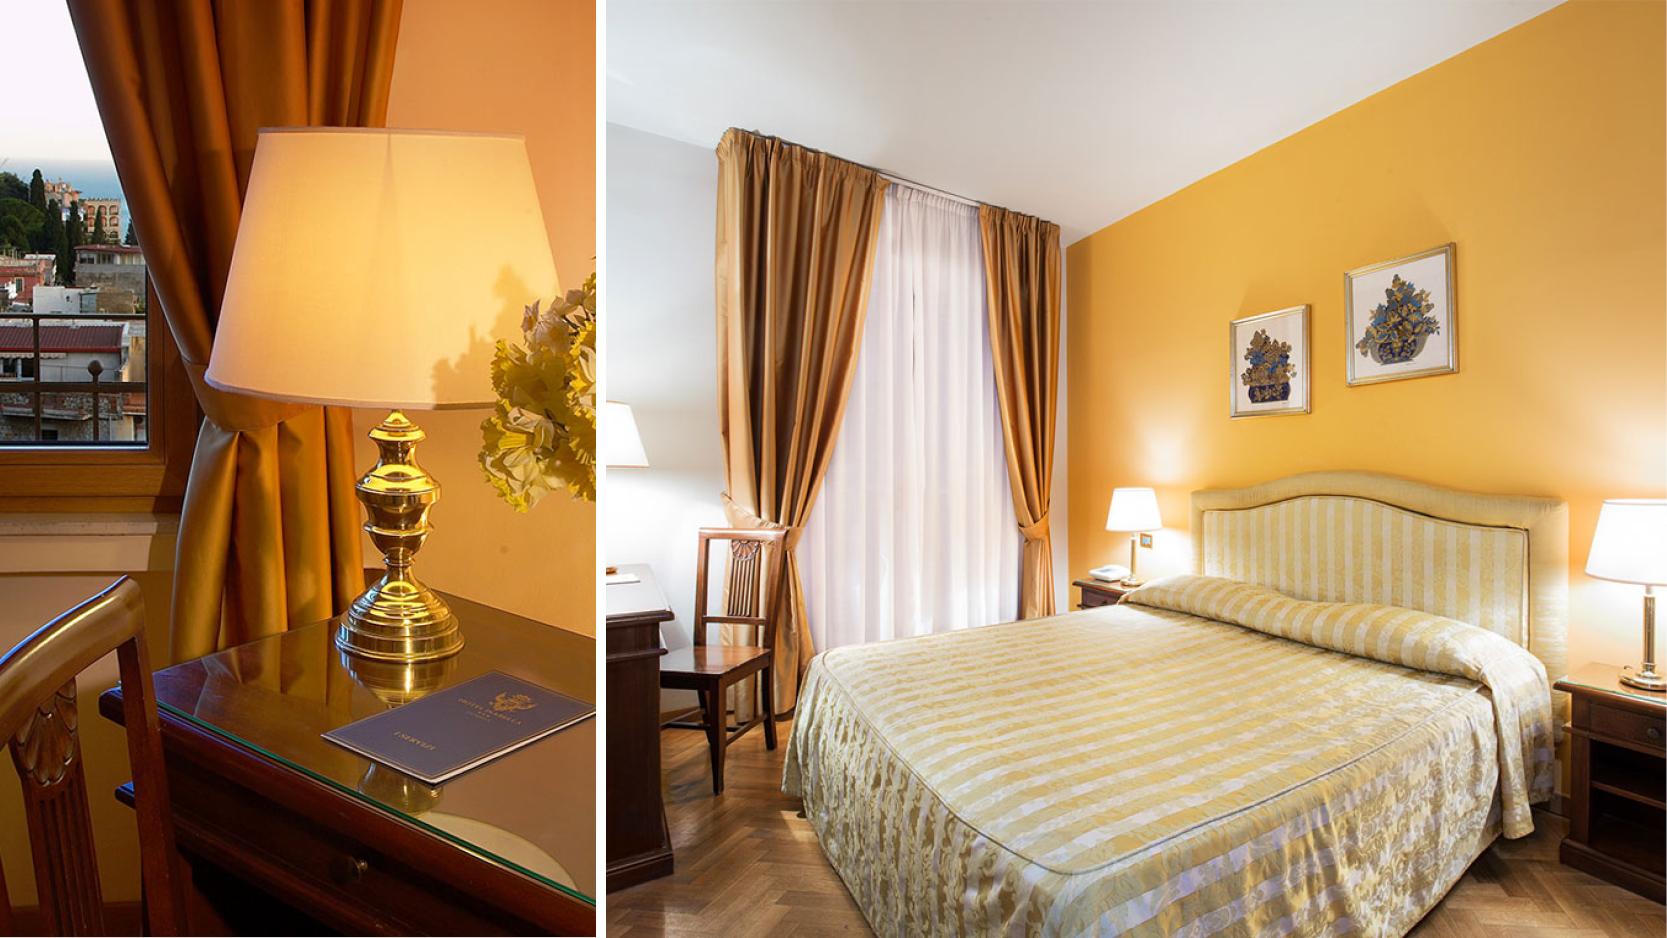 Dubbelrum med komfort på hotell Isabella i centrala Taormina, Sicilien.